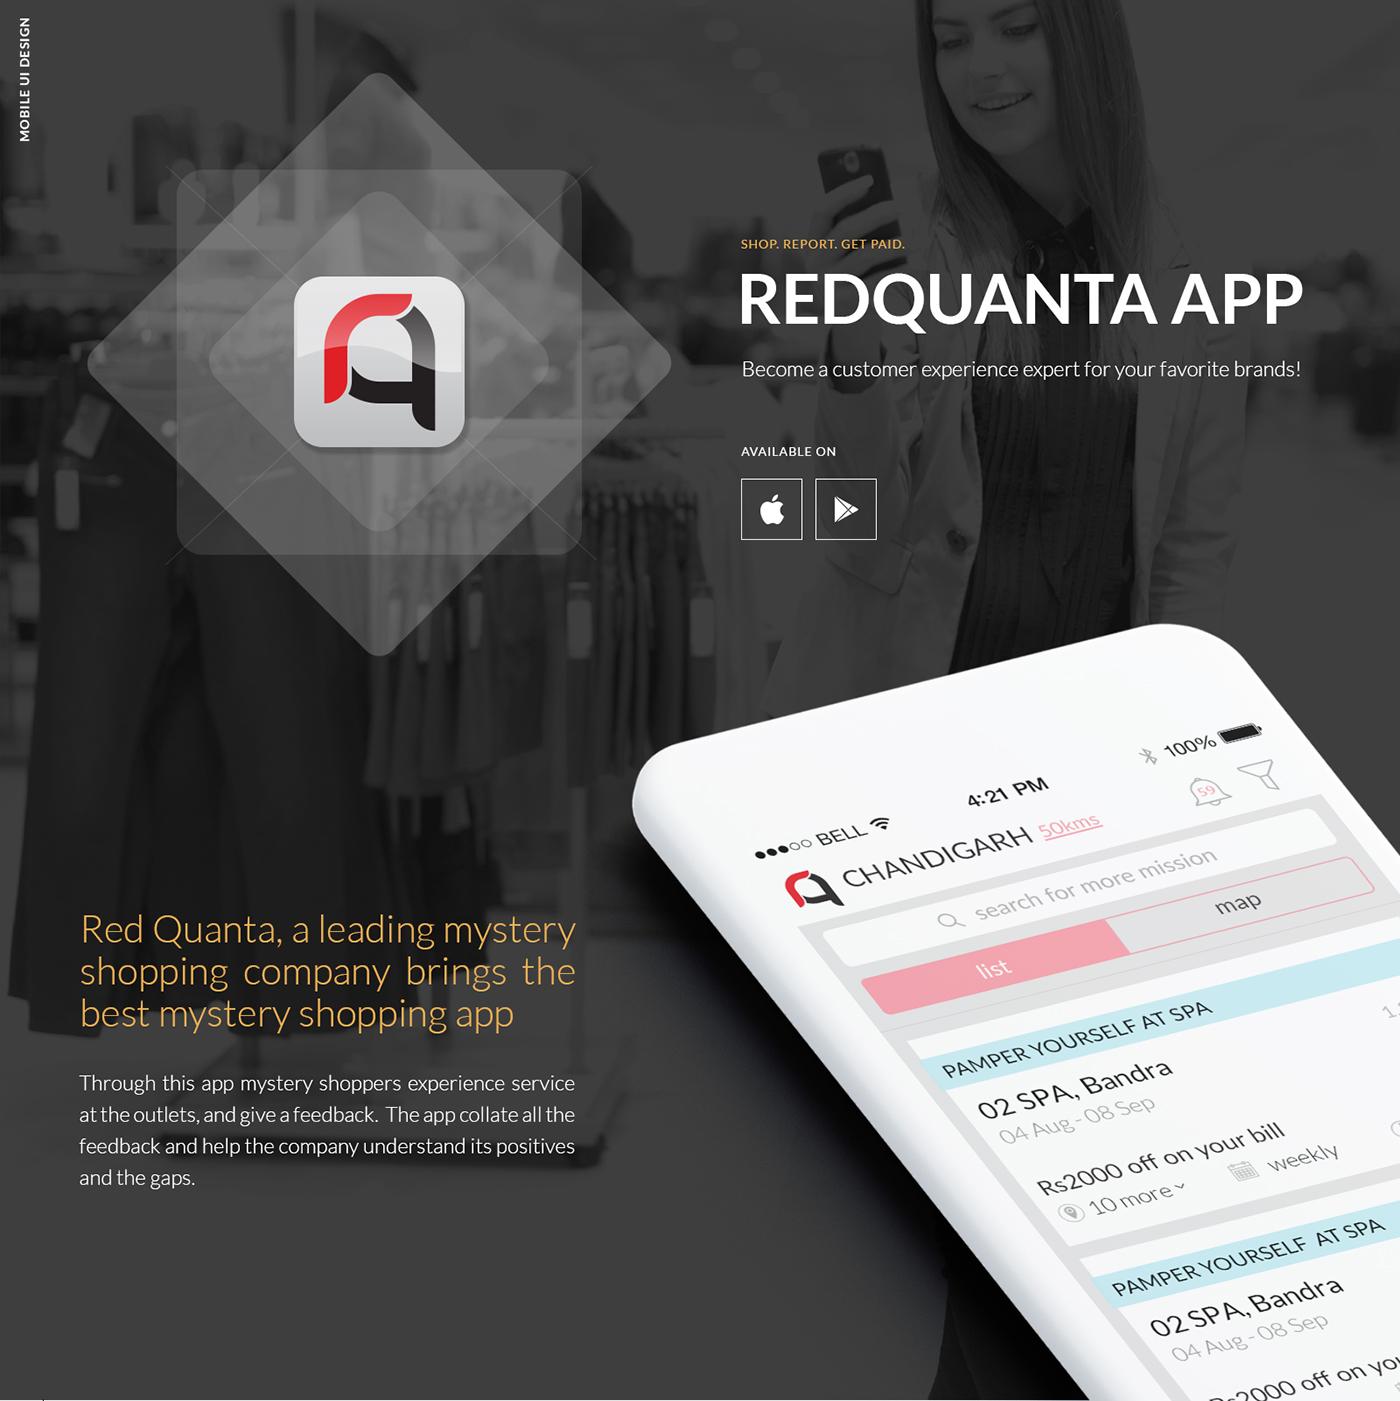 Requanta - Mobile App Design